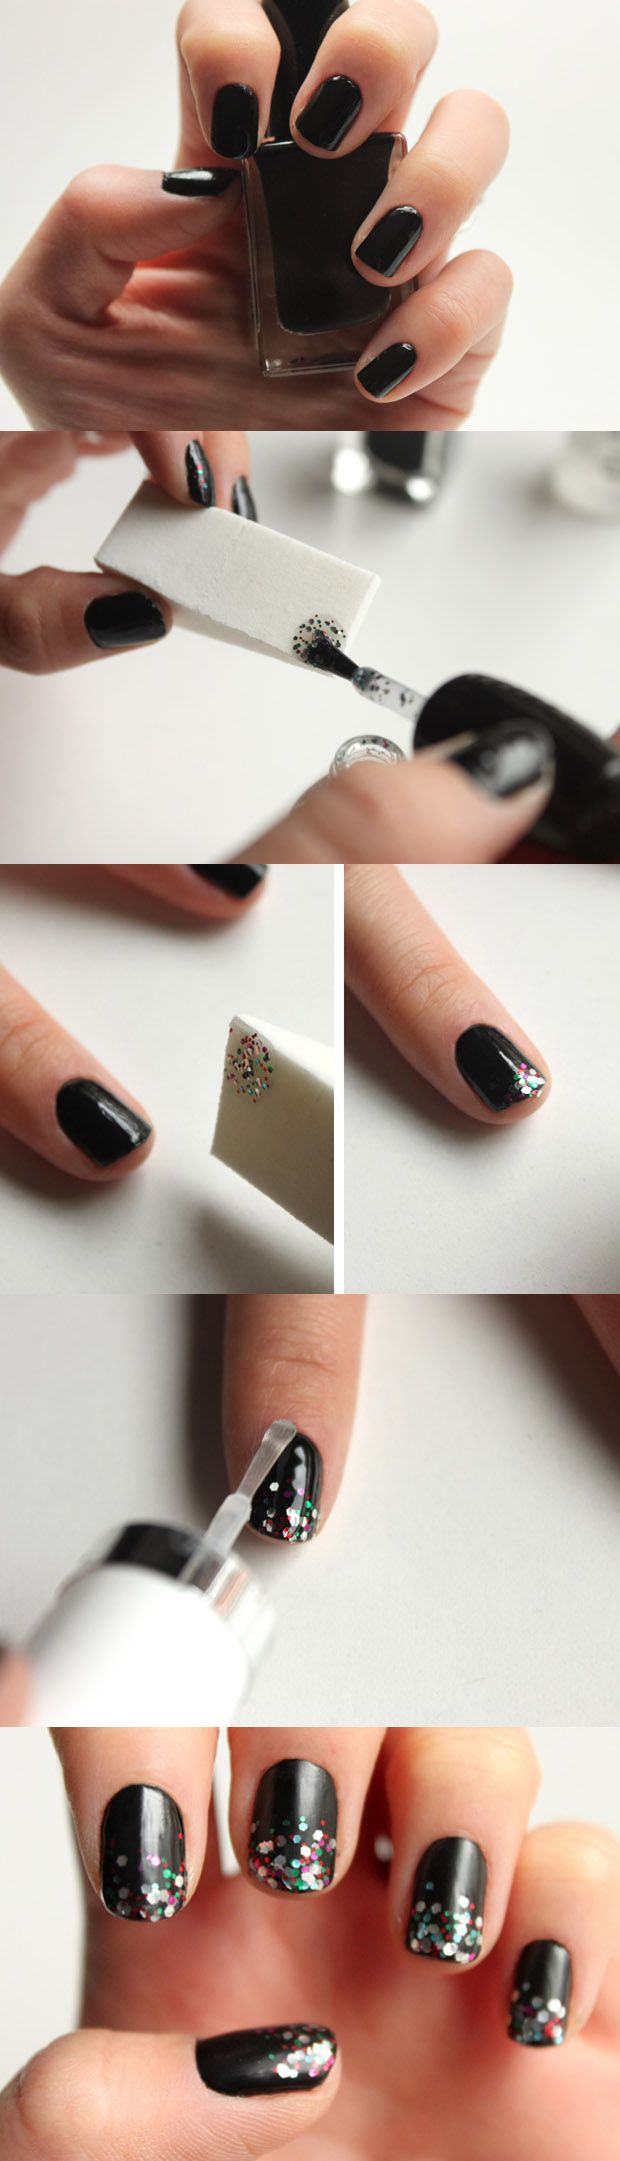 Fotos de moda | Uñas negras con brillos | http://fotos.soymoda.net